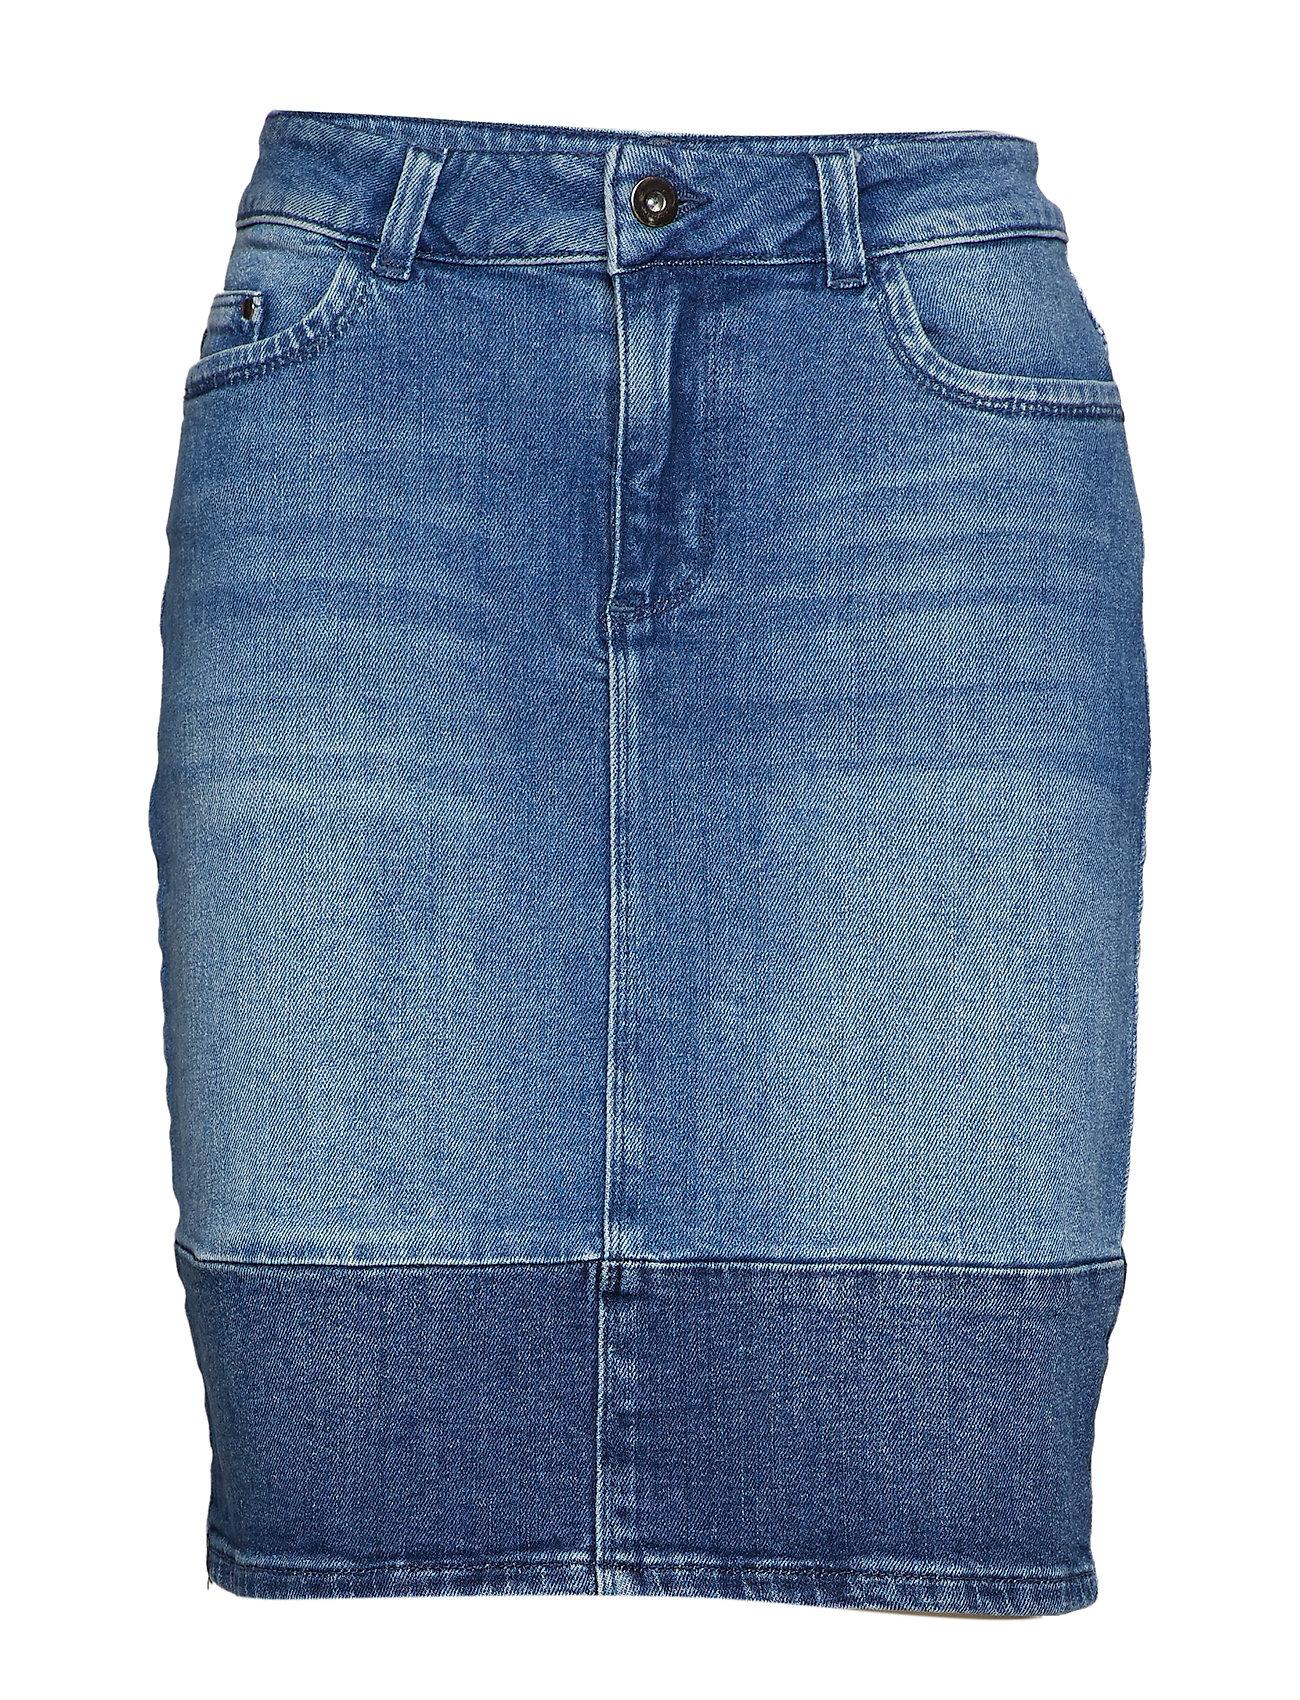 Kaffe KAlida Jeans Skirt - MEDIUM BLUE DENIM